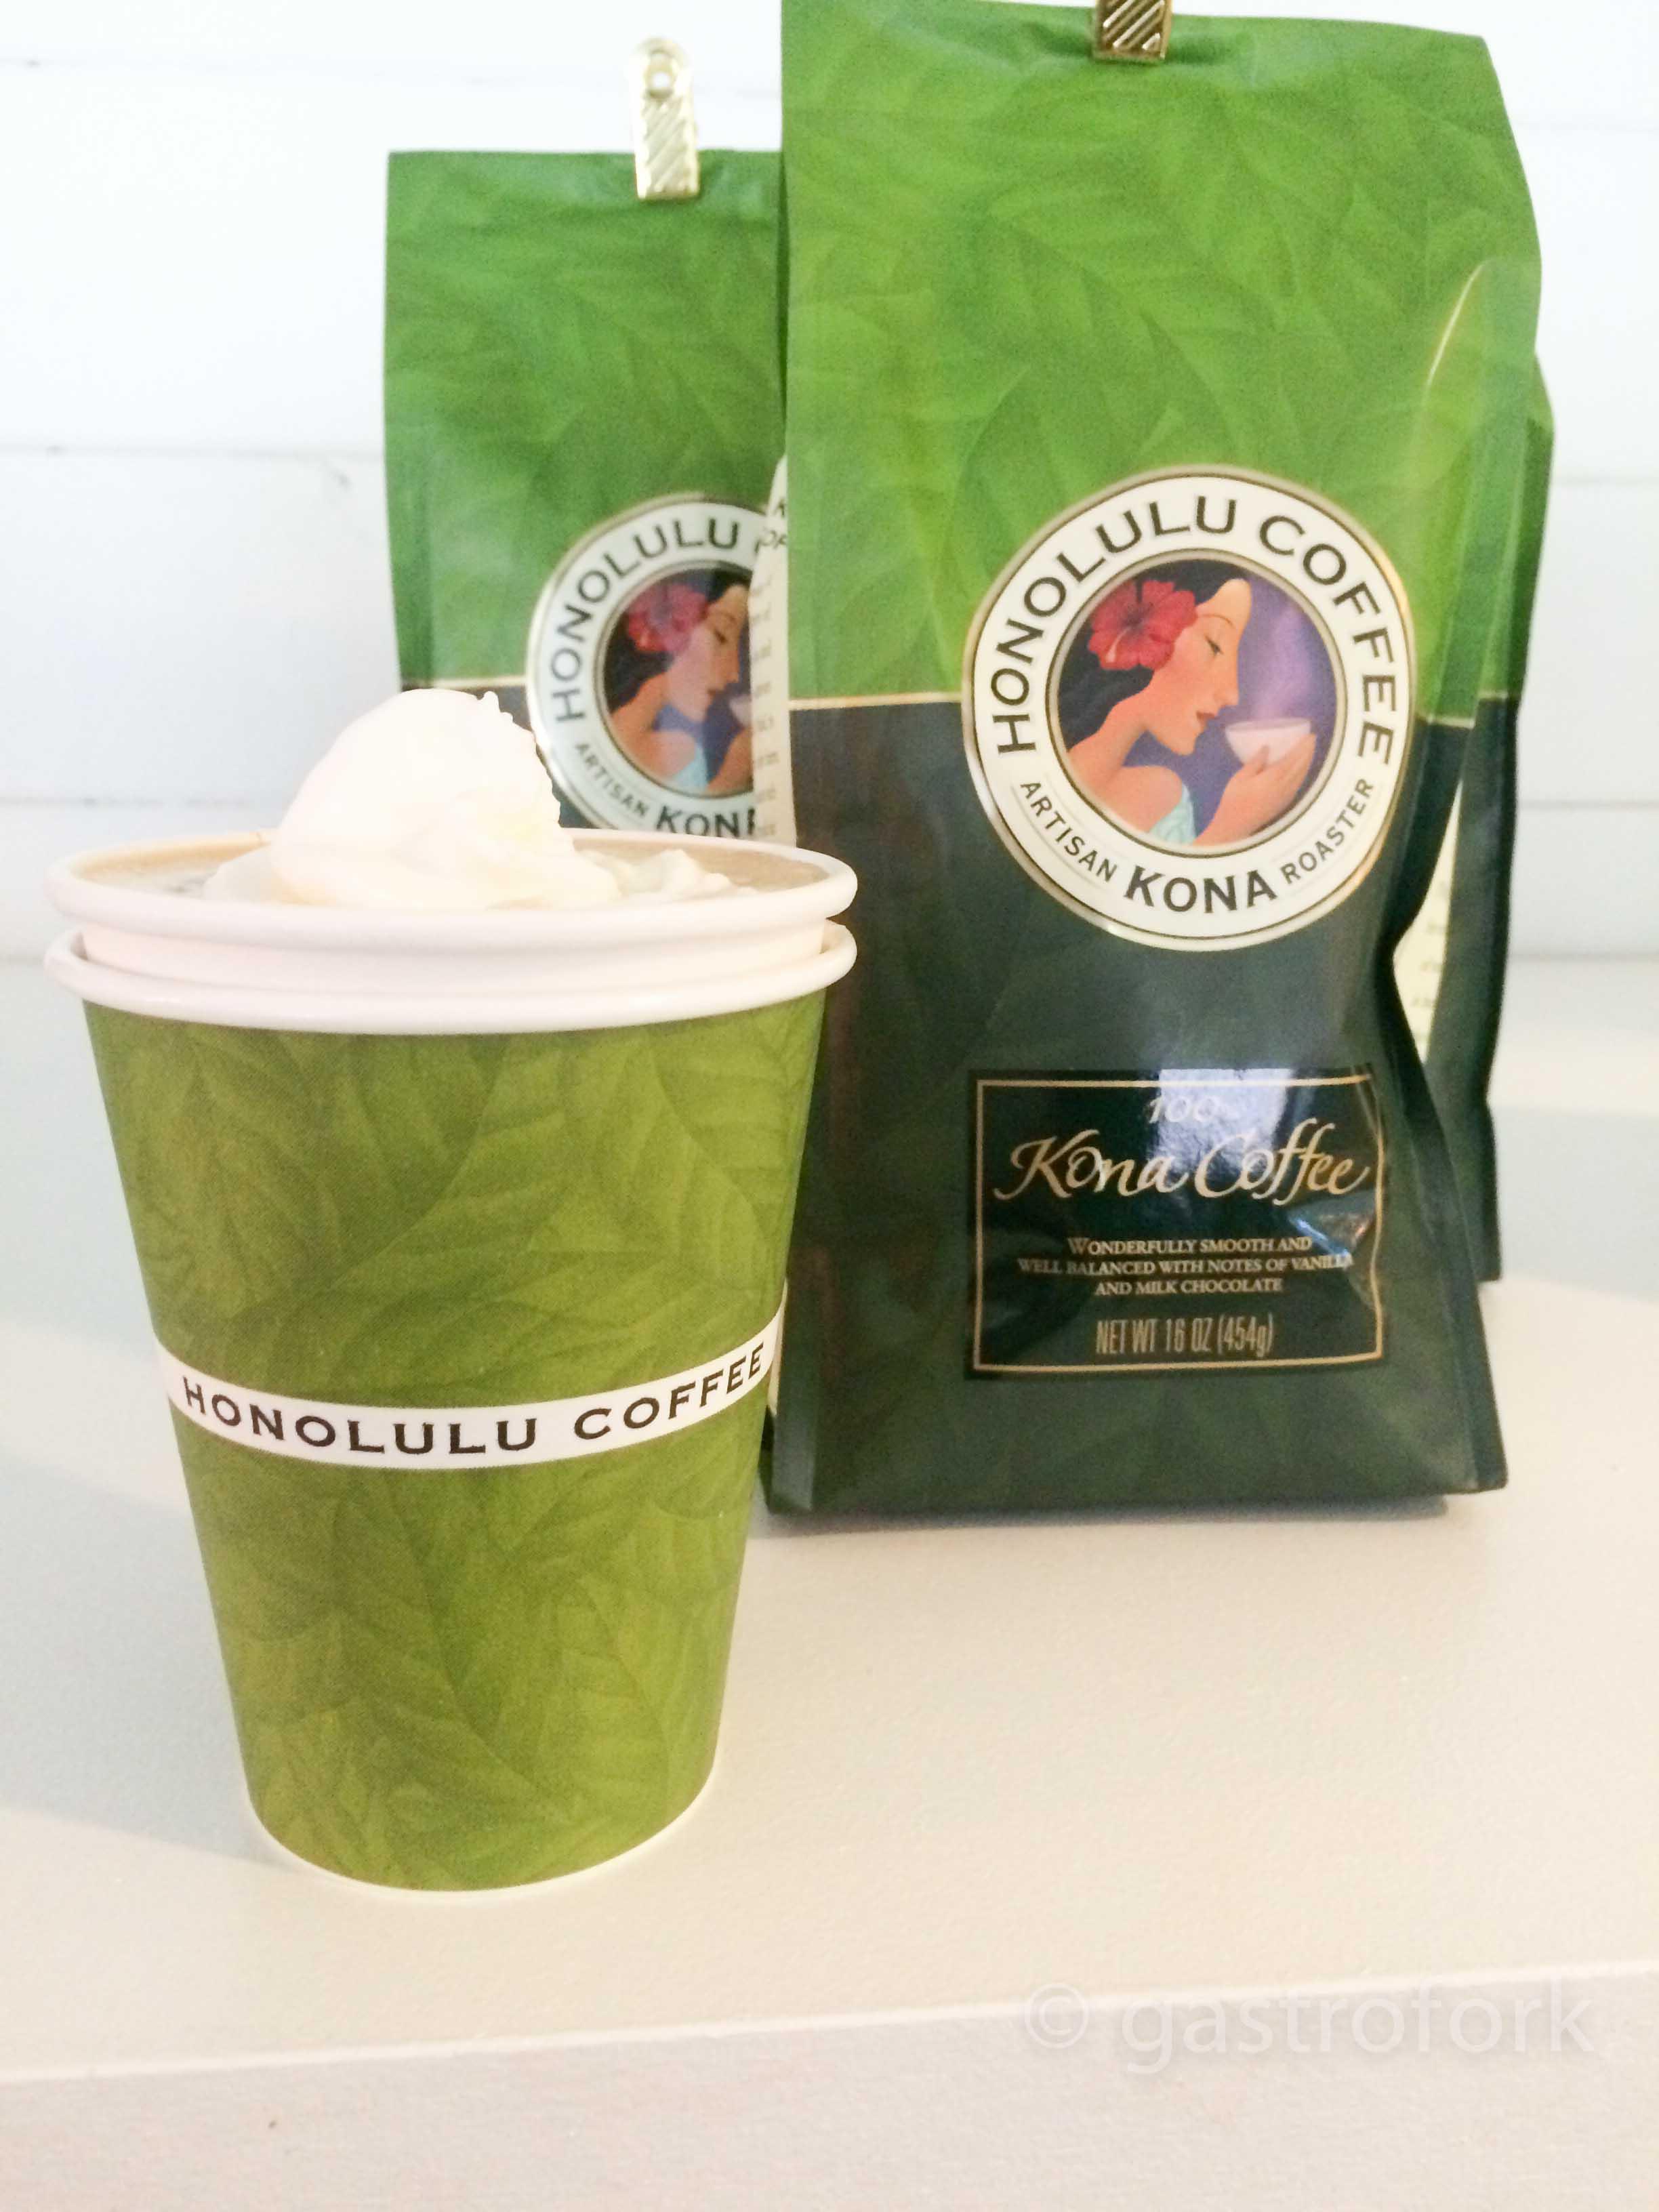 honolulu coffee vancouver